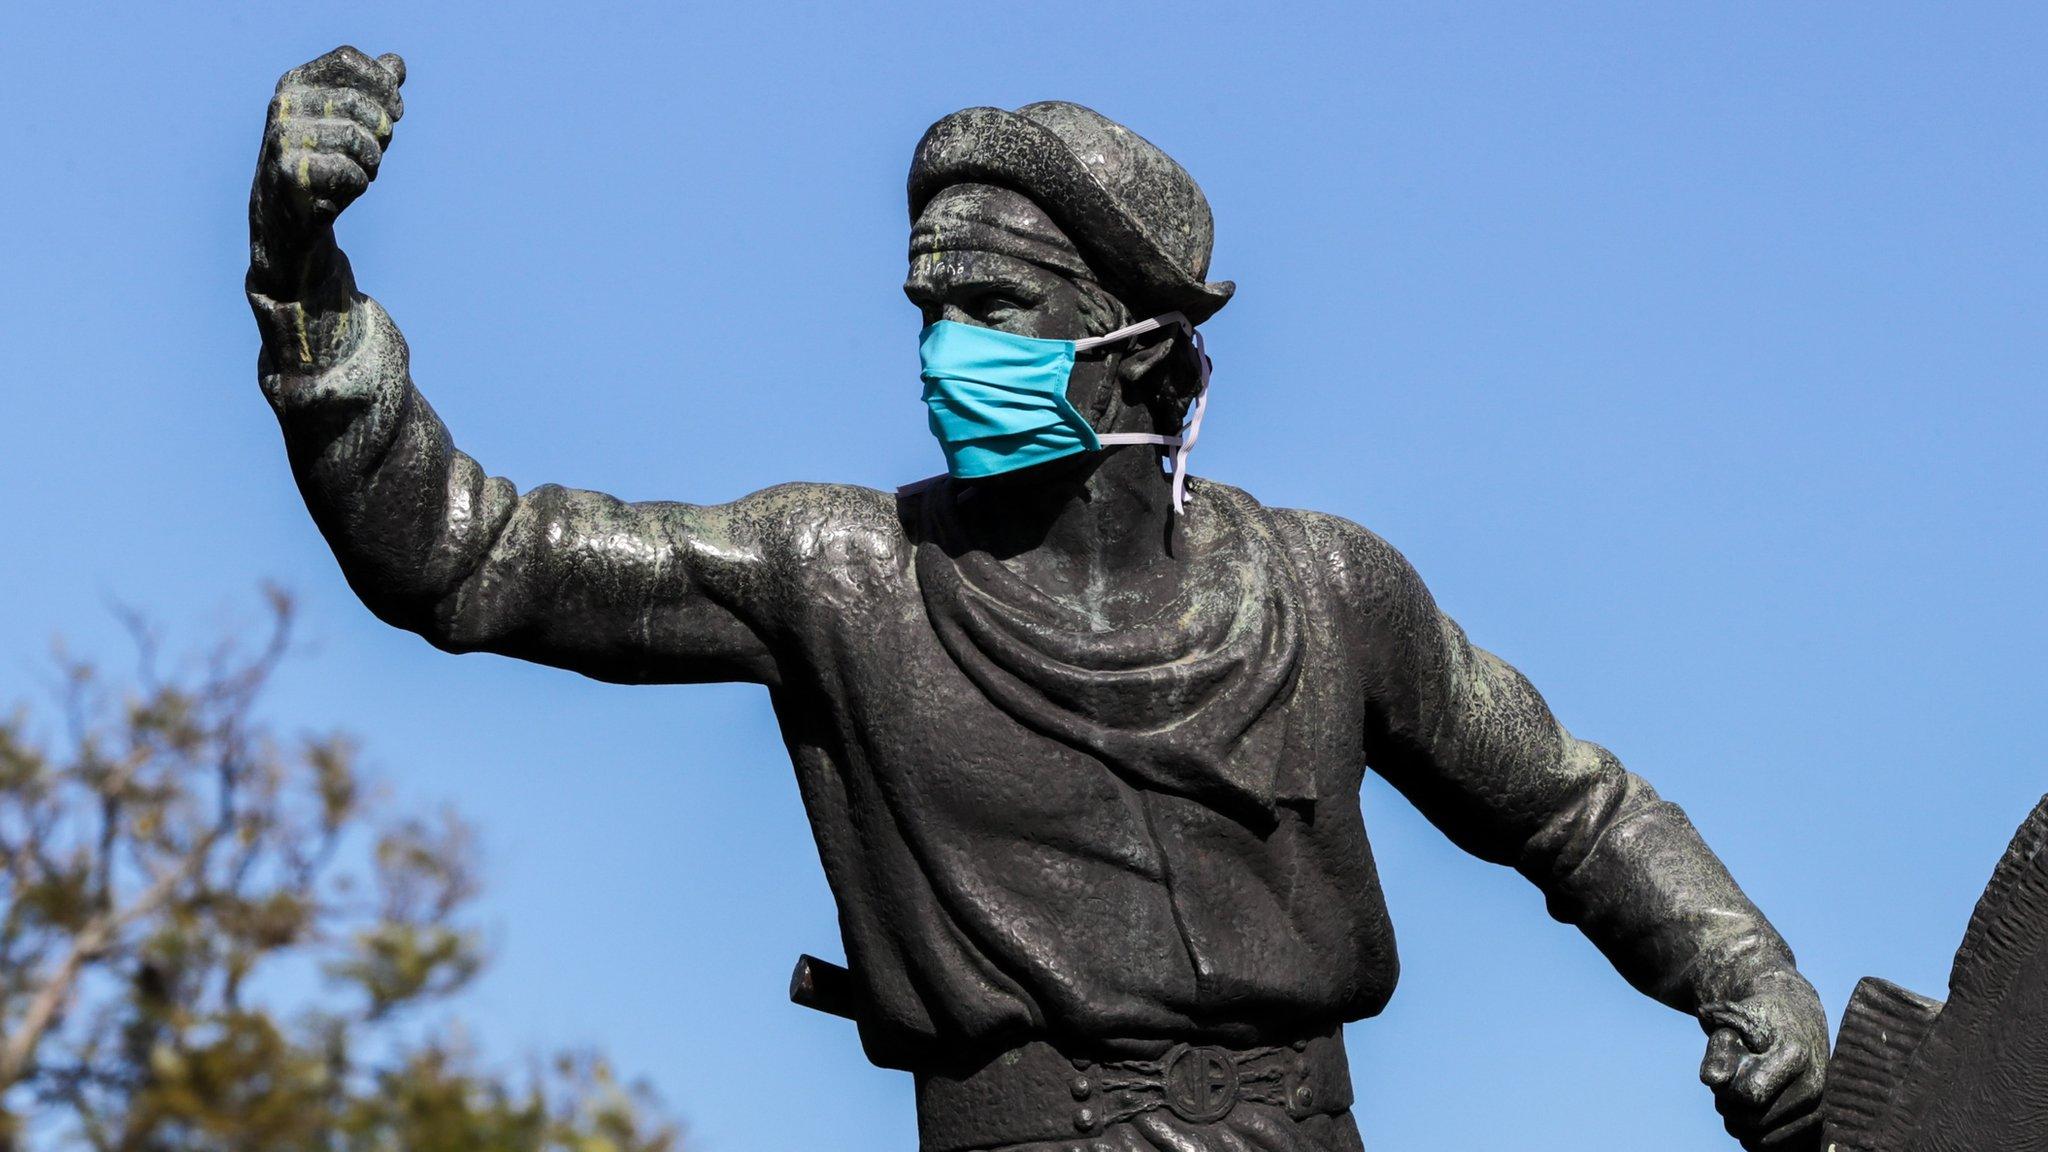 Coronavirus en Uruguay: la singular y exitosa estrategia del país para contener la pandemia sin cuarentena obligatoria - BBC News Mundo